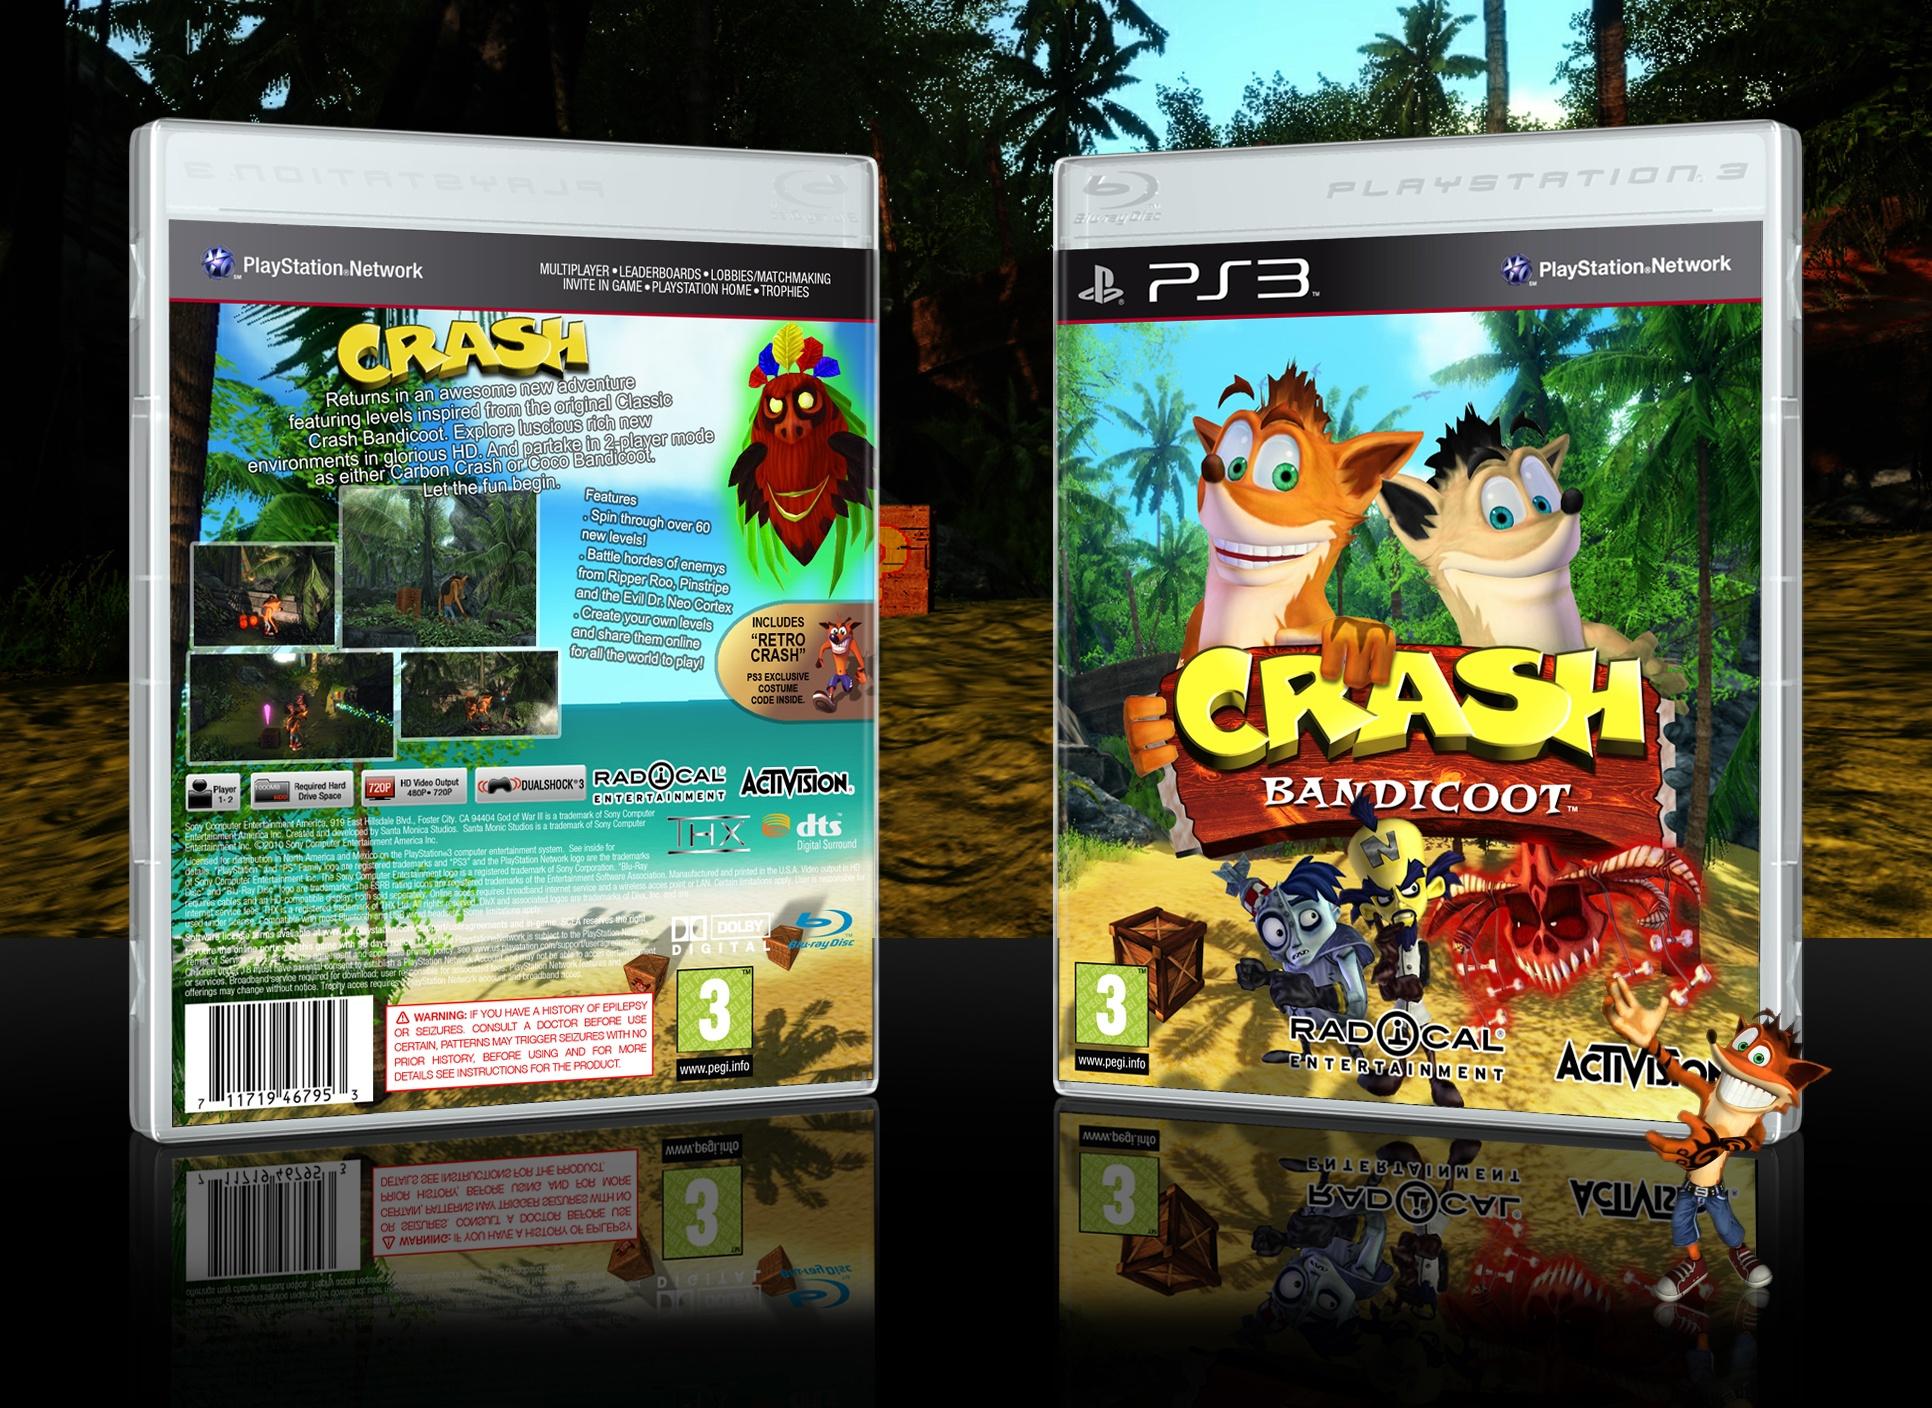 Crash Bandicoot Box Cover Comments